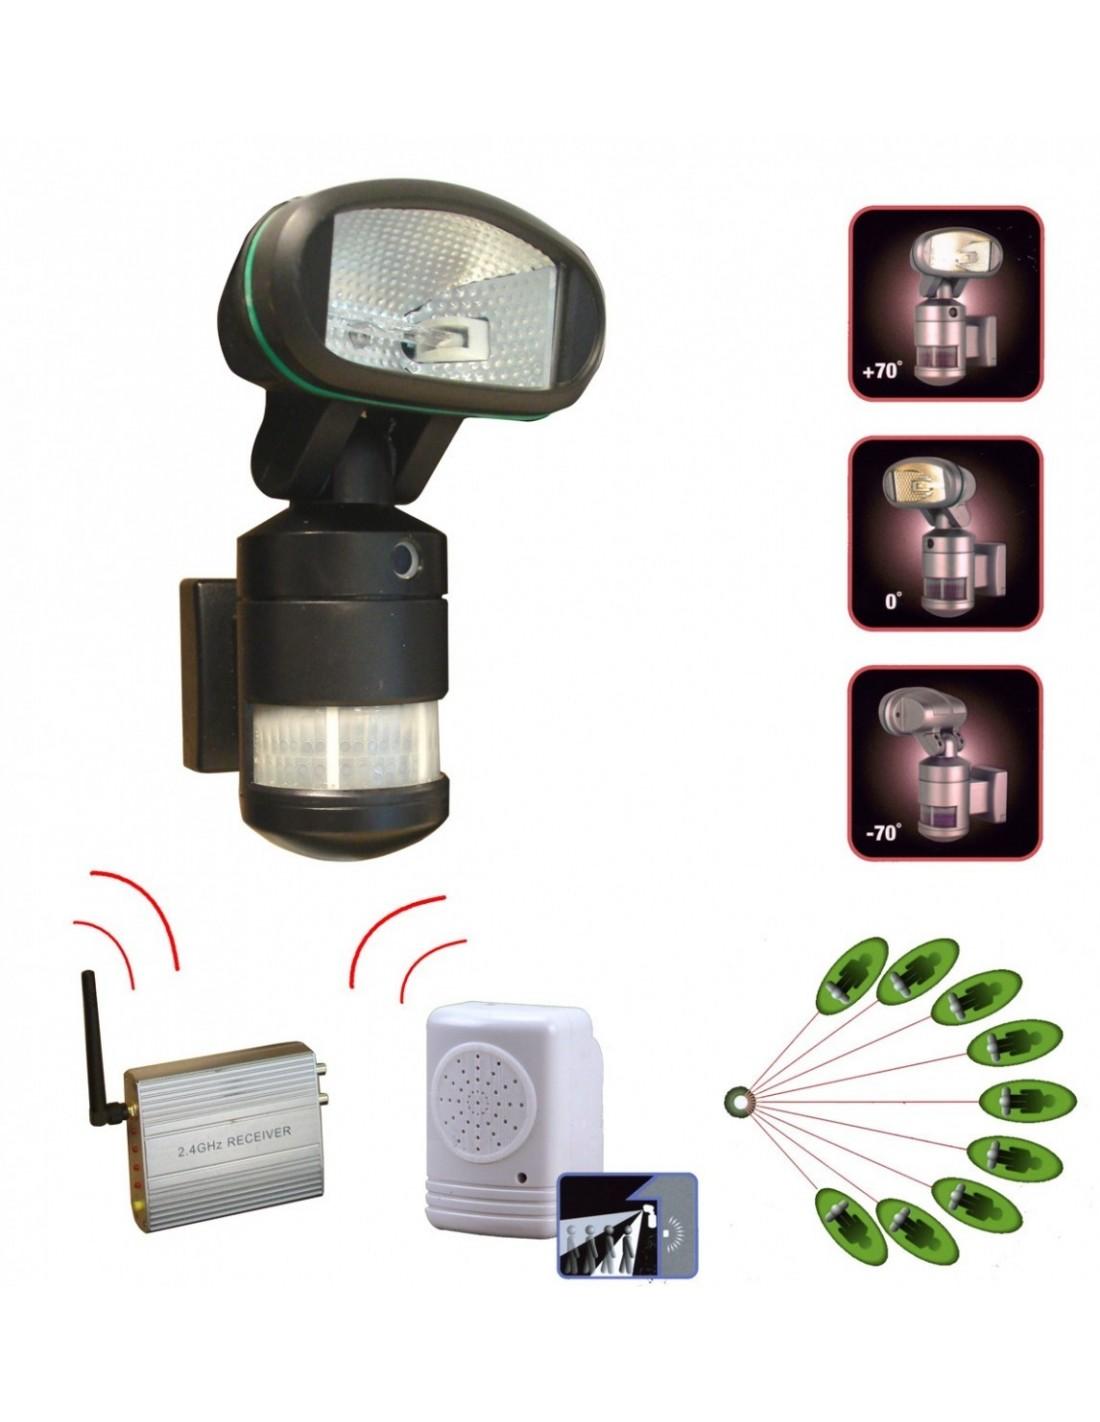 Projecteur alarme et cam ra d tecteur de mouvement - Camera detecteur de mouvement ...